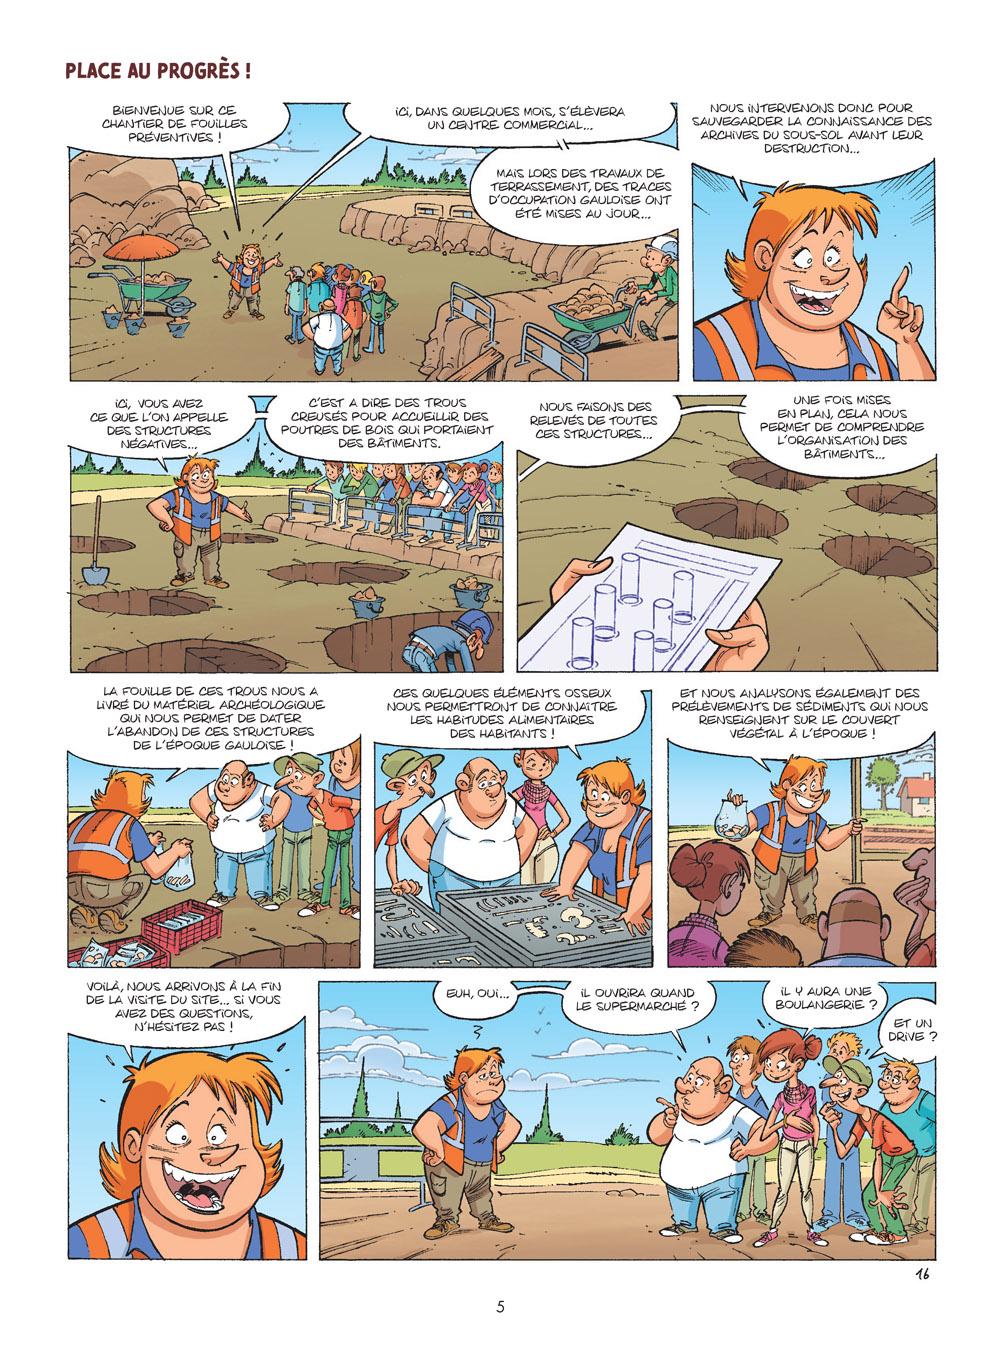 les arkéos #1 planche 3